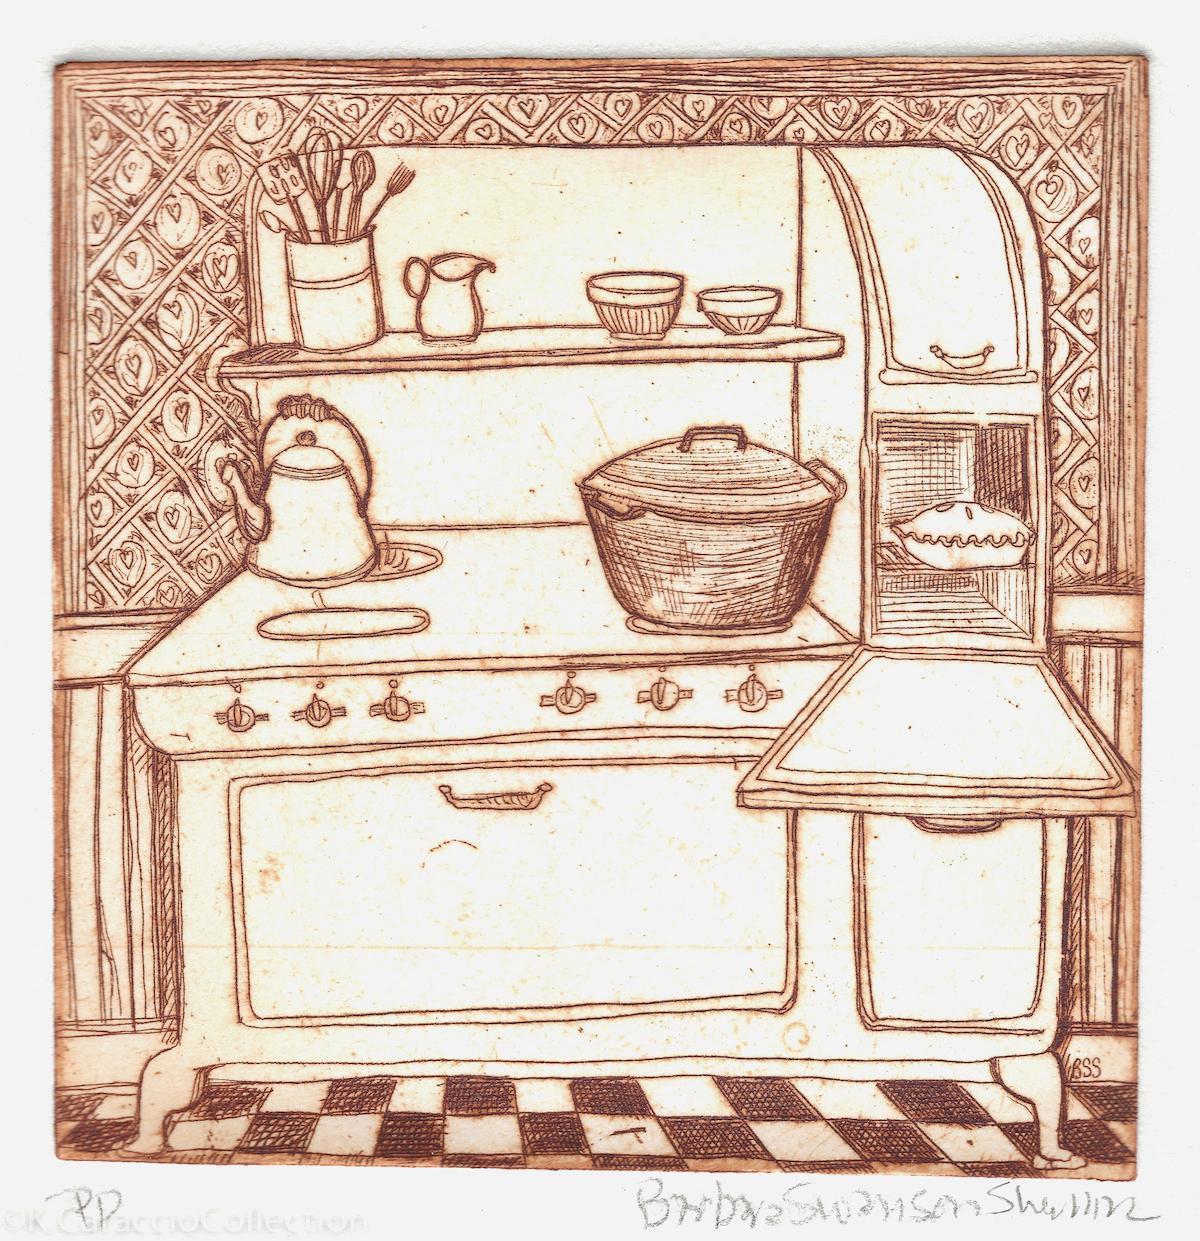 Swanson-Sherman, Barabara_NT(Kitchen Sto